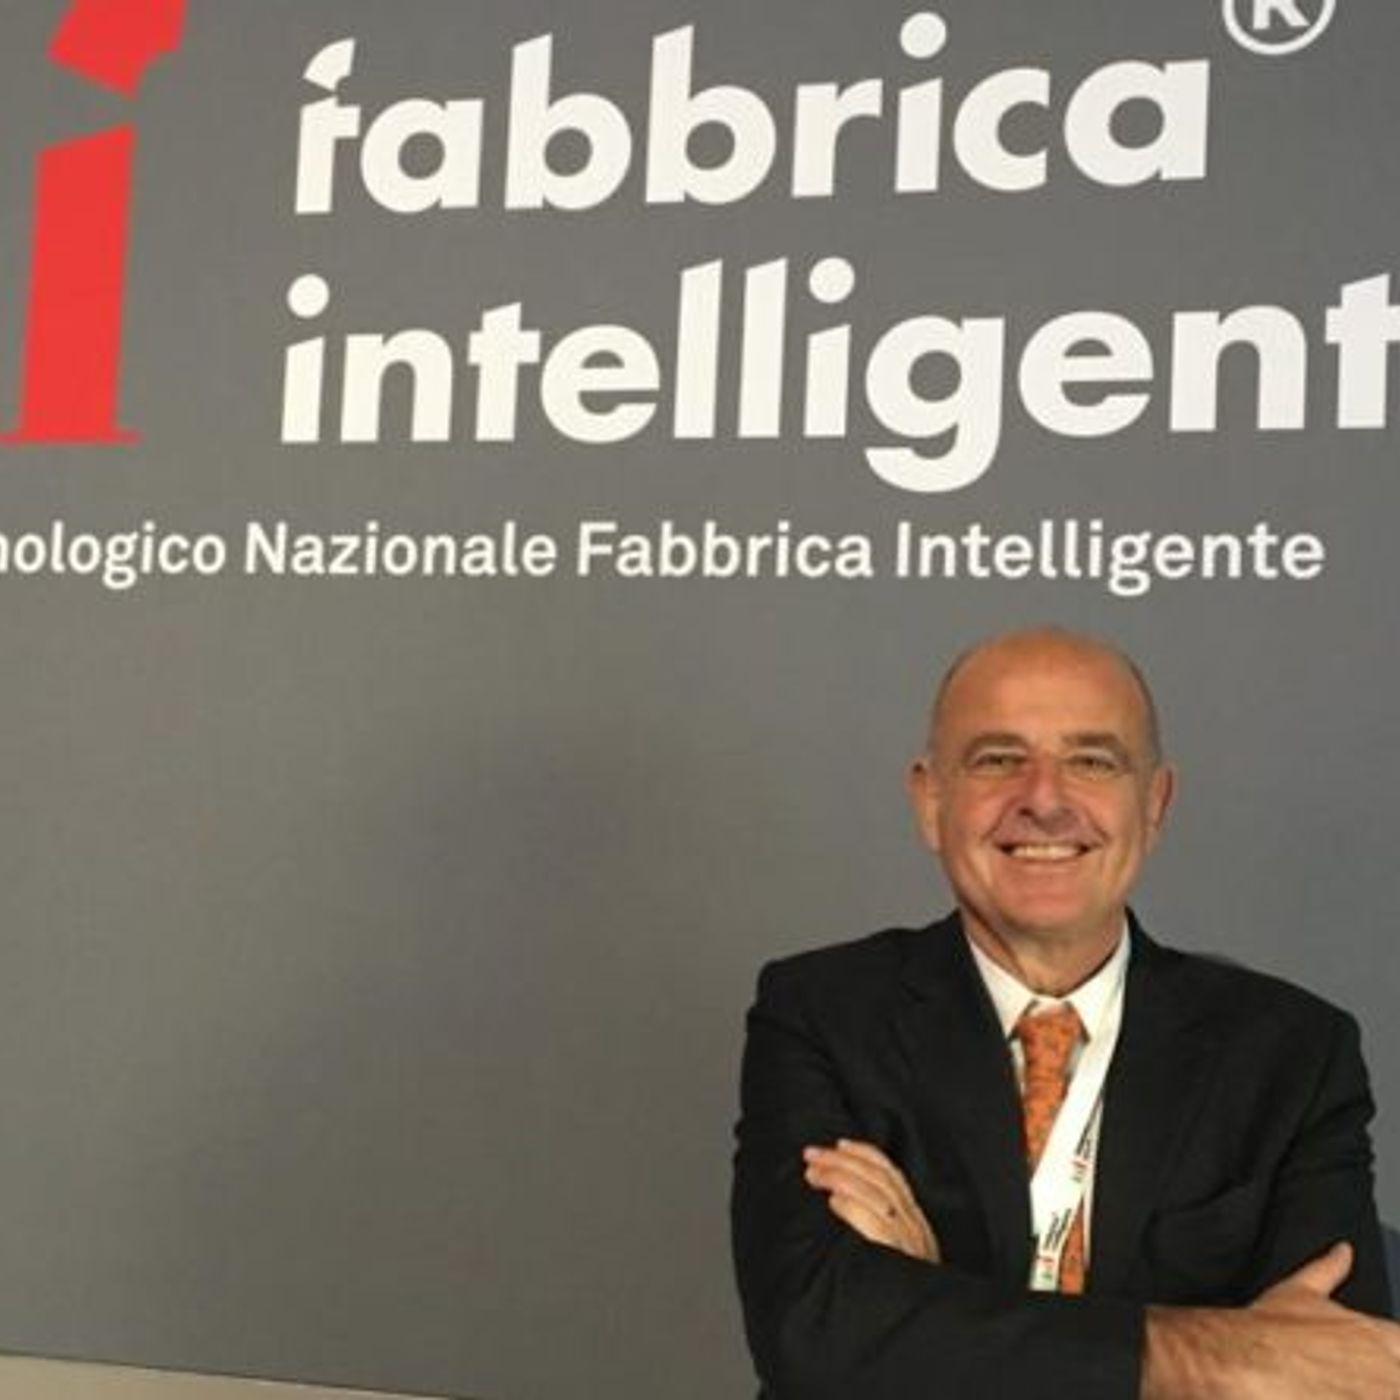 Luca Manuelli - Politiche e tecnologie per la Fabbrica Intelligente